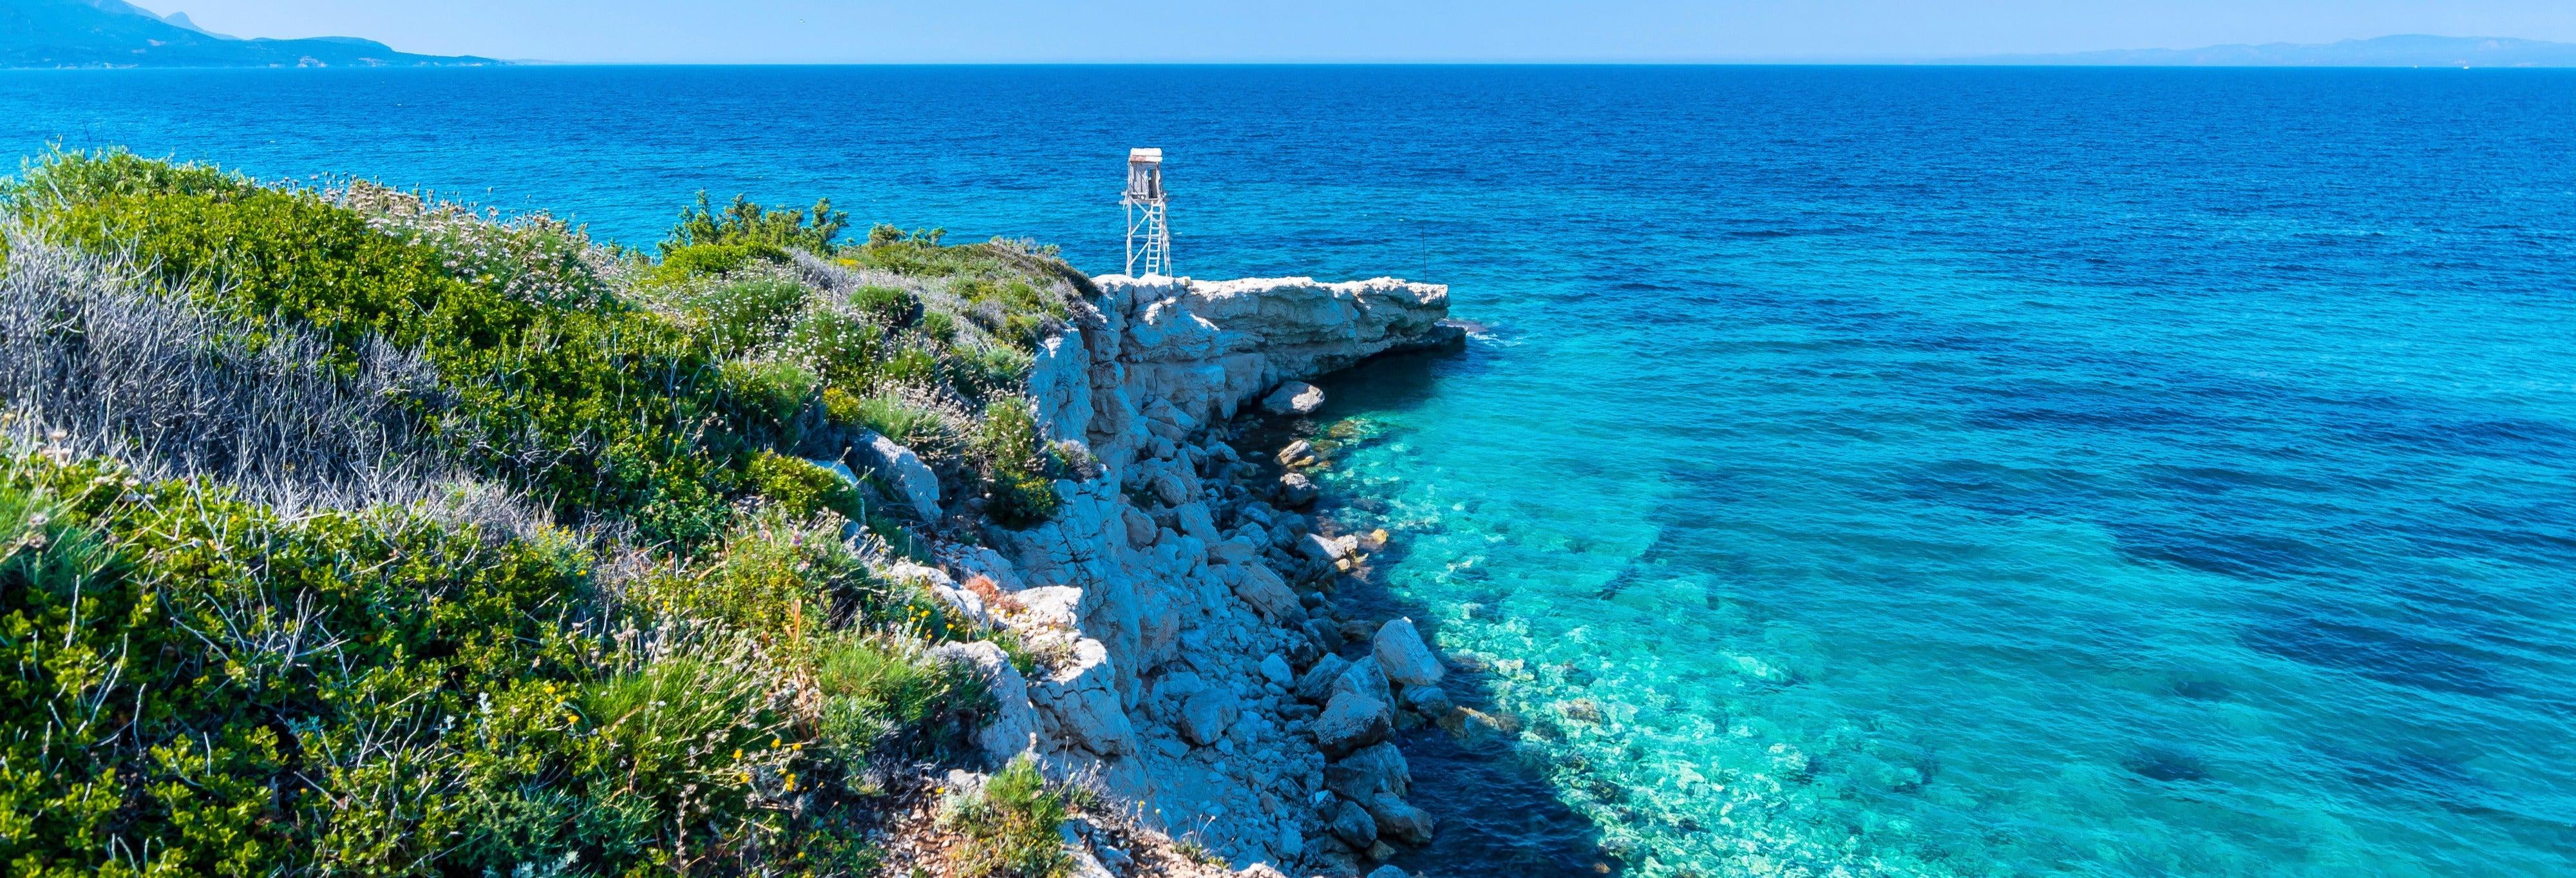 Cruzeiro pela baía de Izmir